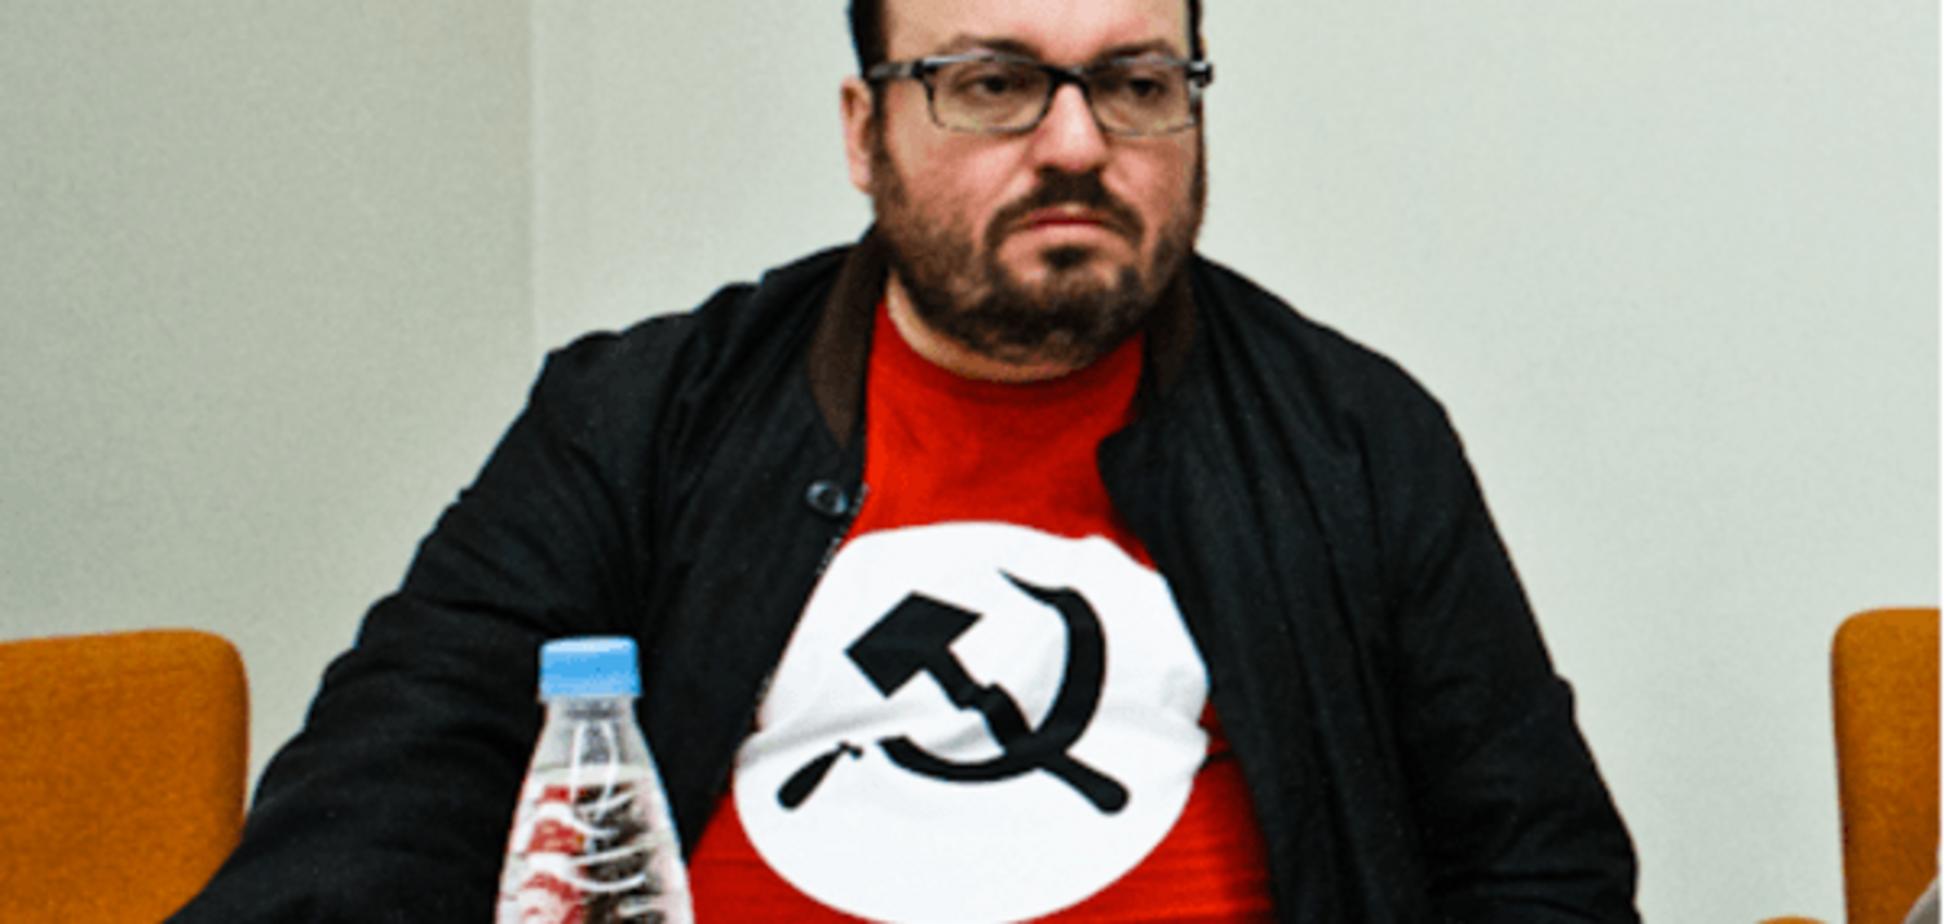 'Европа может сделать подлянку'. В России заявили о готовности Путина к бойкоту ЧМ-2018